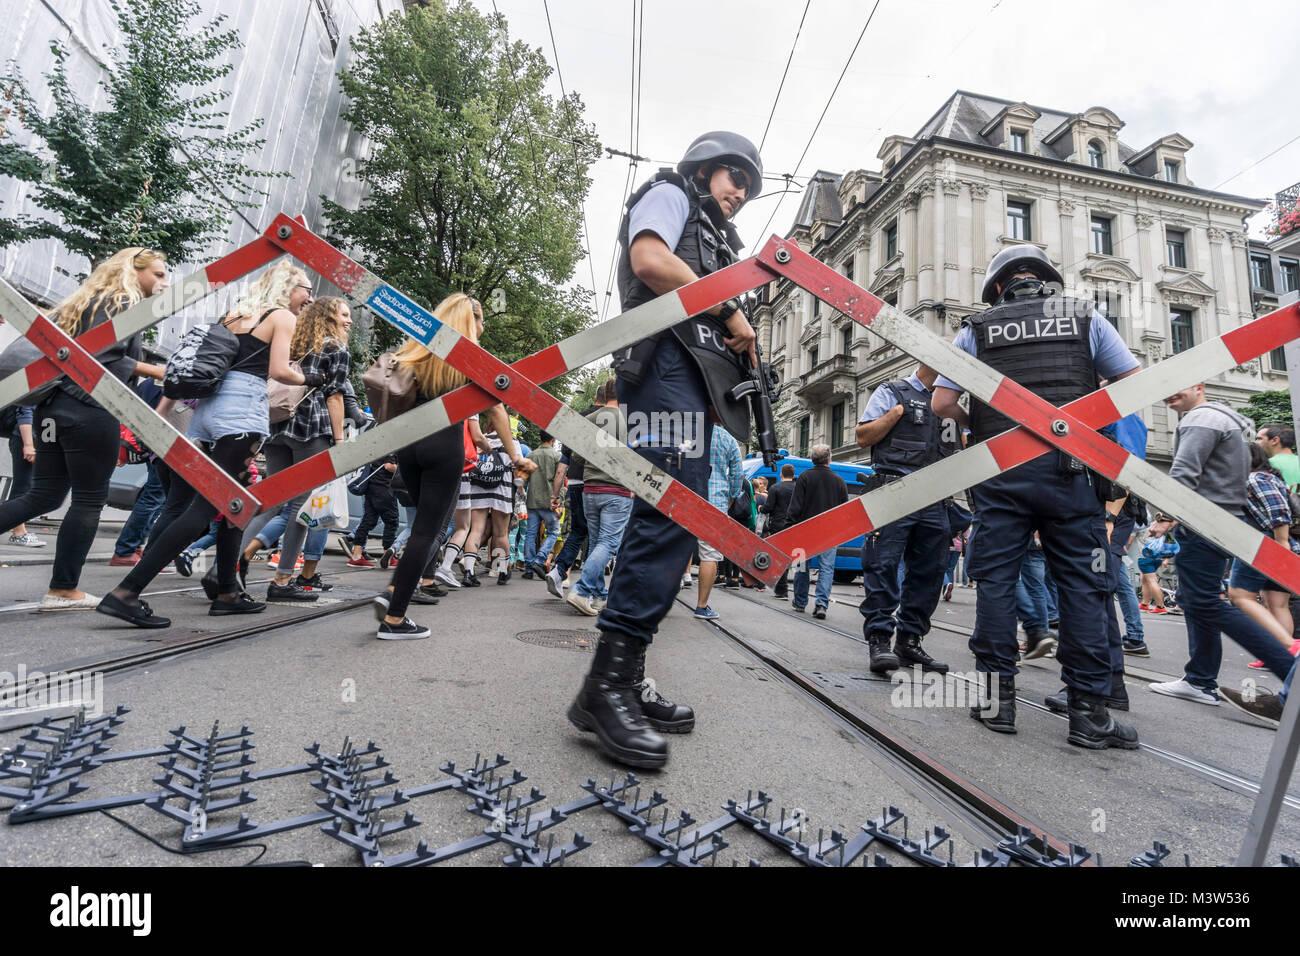 Absperrung, Bahnhofstrasse, Love Parade Wochende, Zürich, Schweiz | Love Parade Wochenende, Polizei Blockade Stockbild